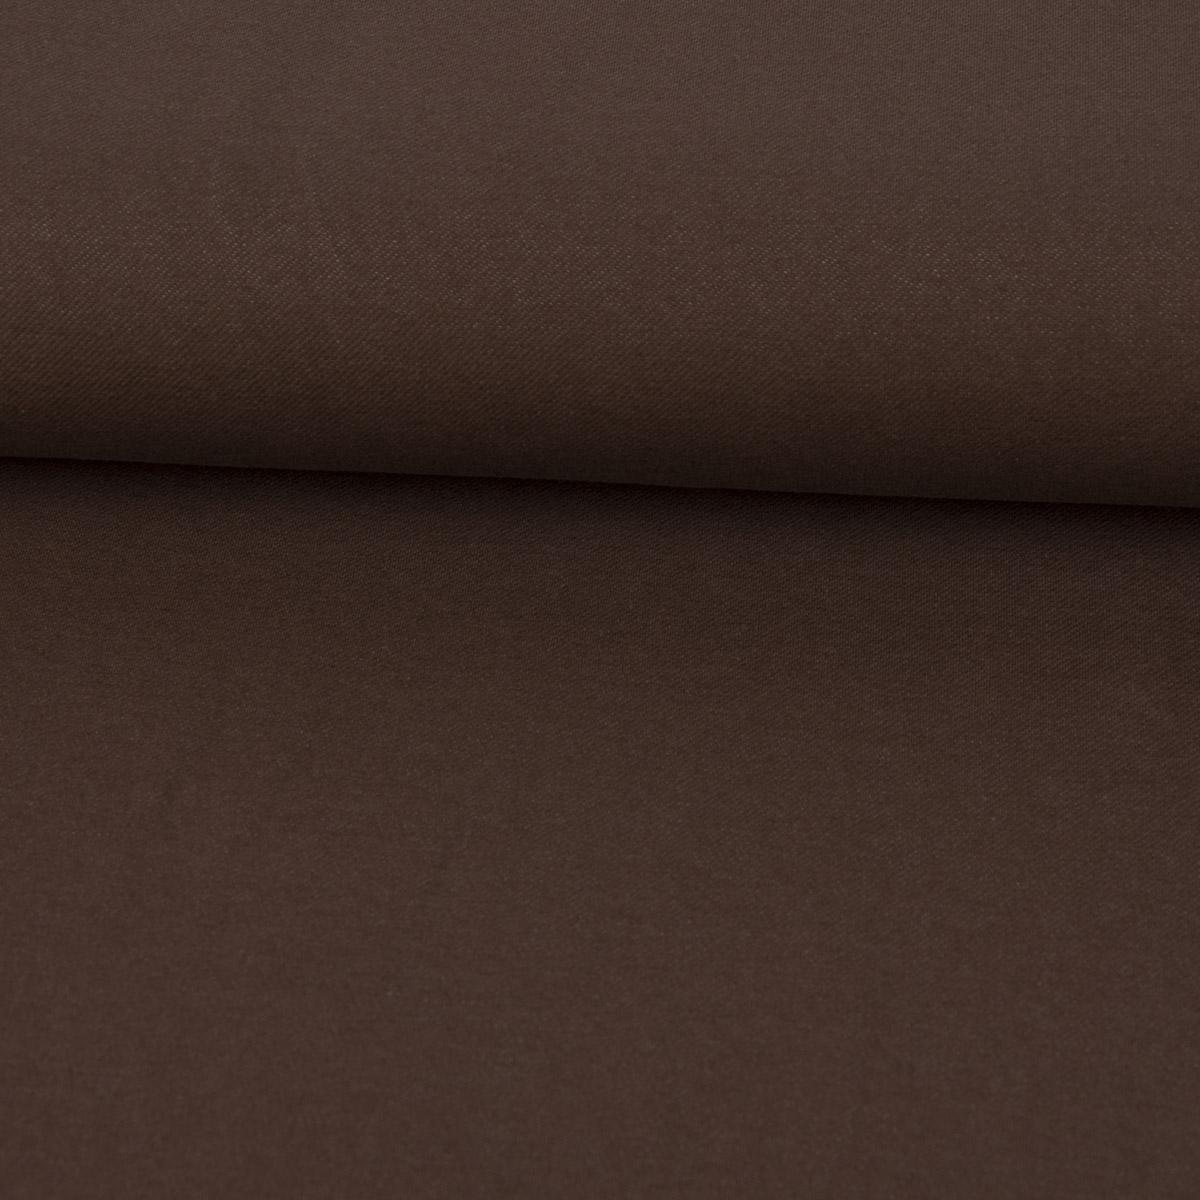 Baumwoll-Jeansstoff mit Elasthan Stretchjeans-Stoff weich einfarbig braun 1,5m Breite